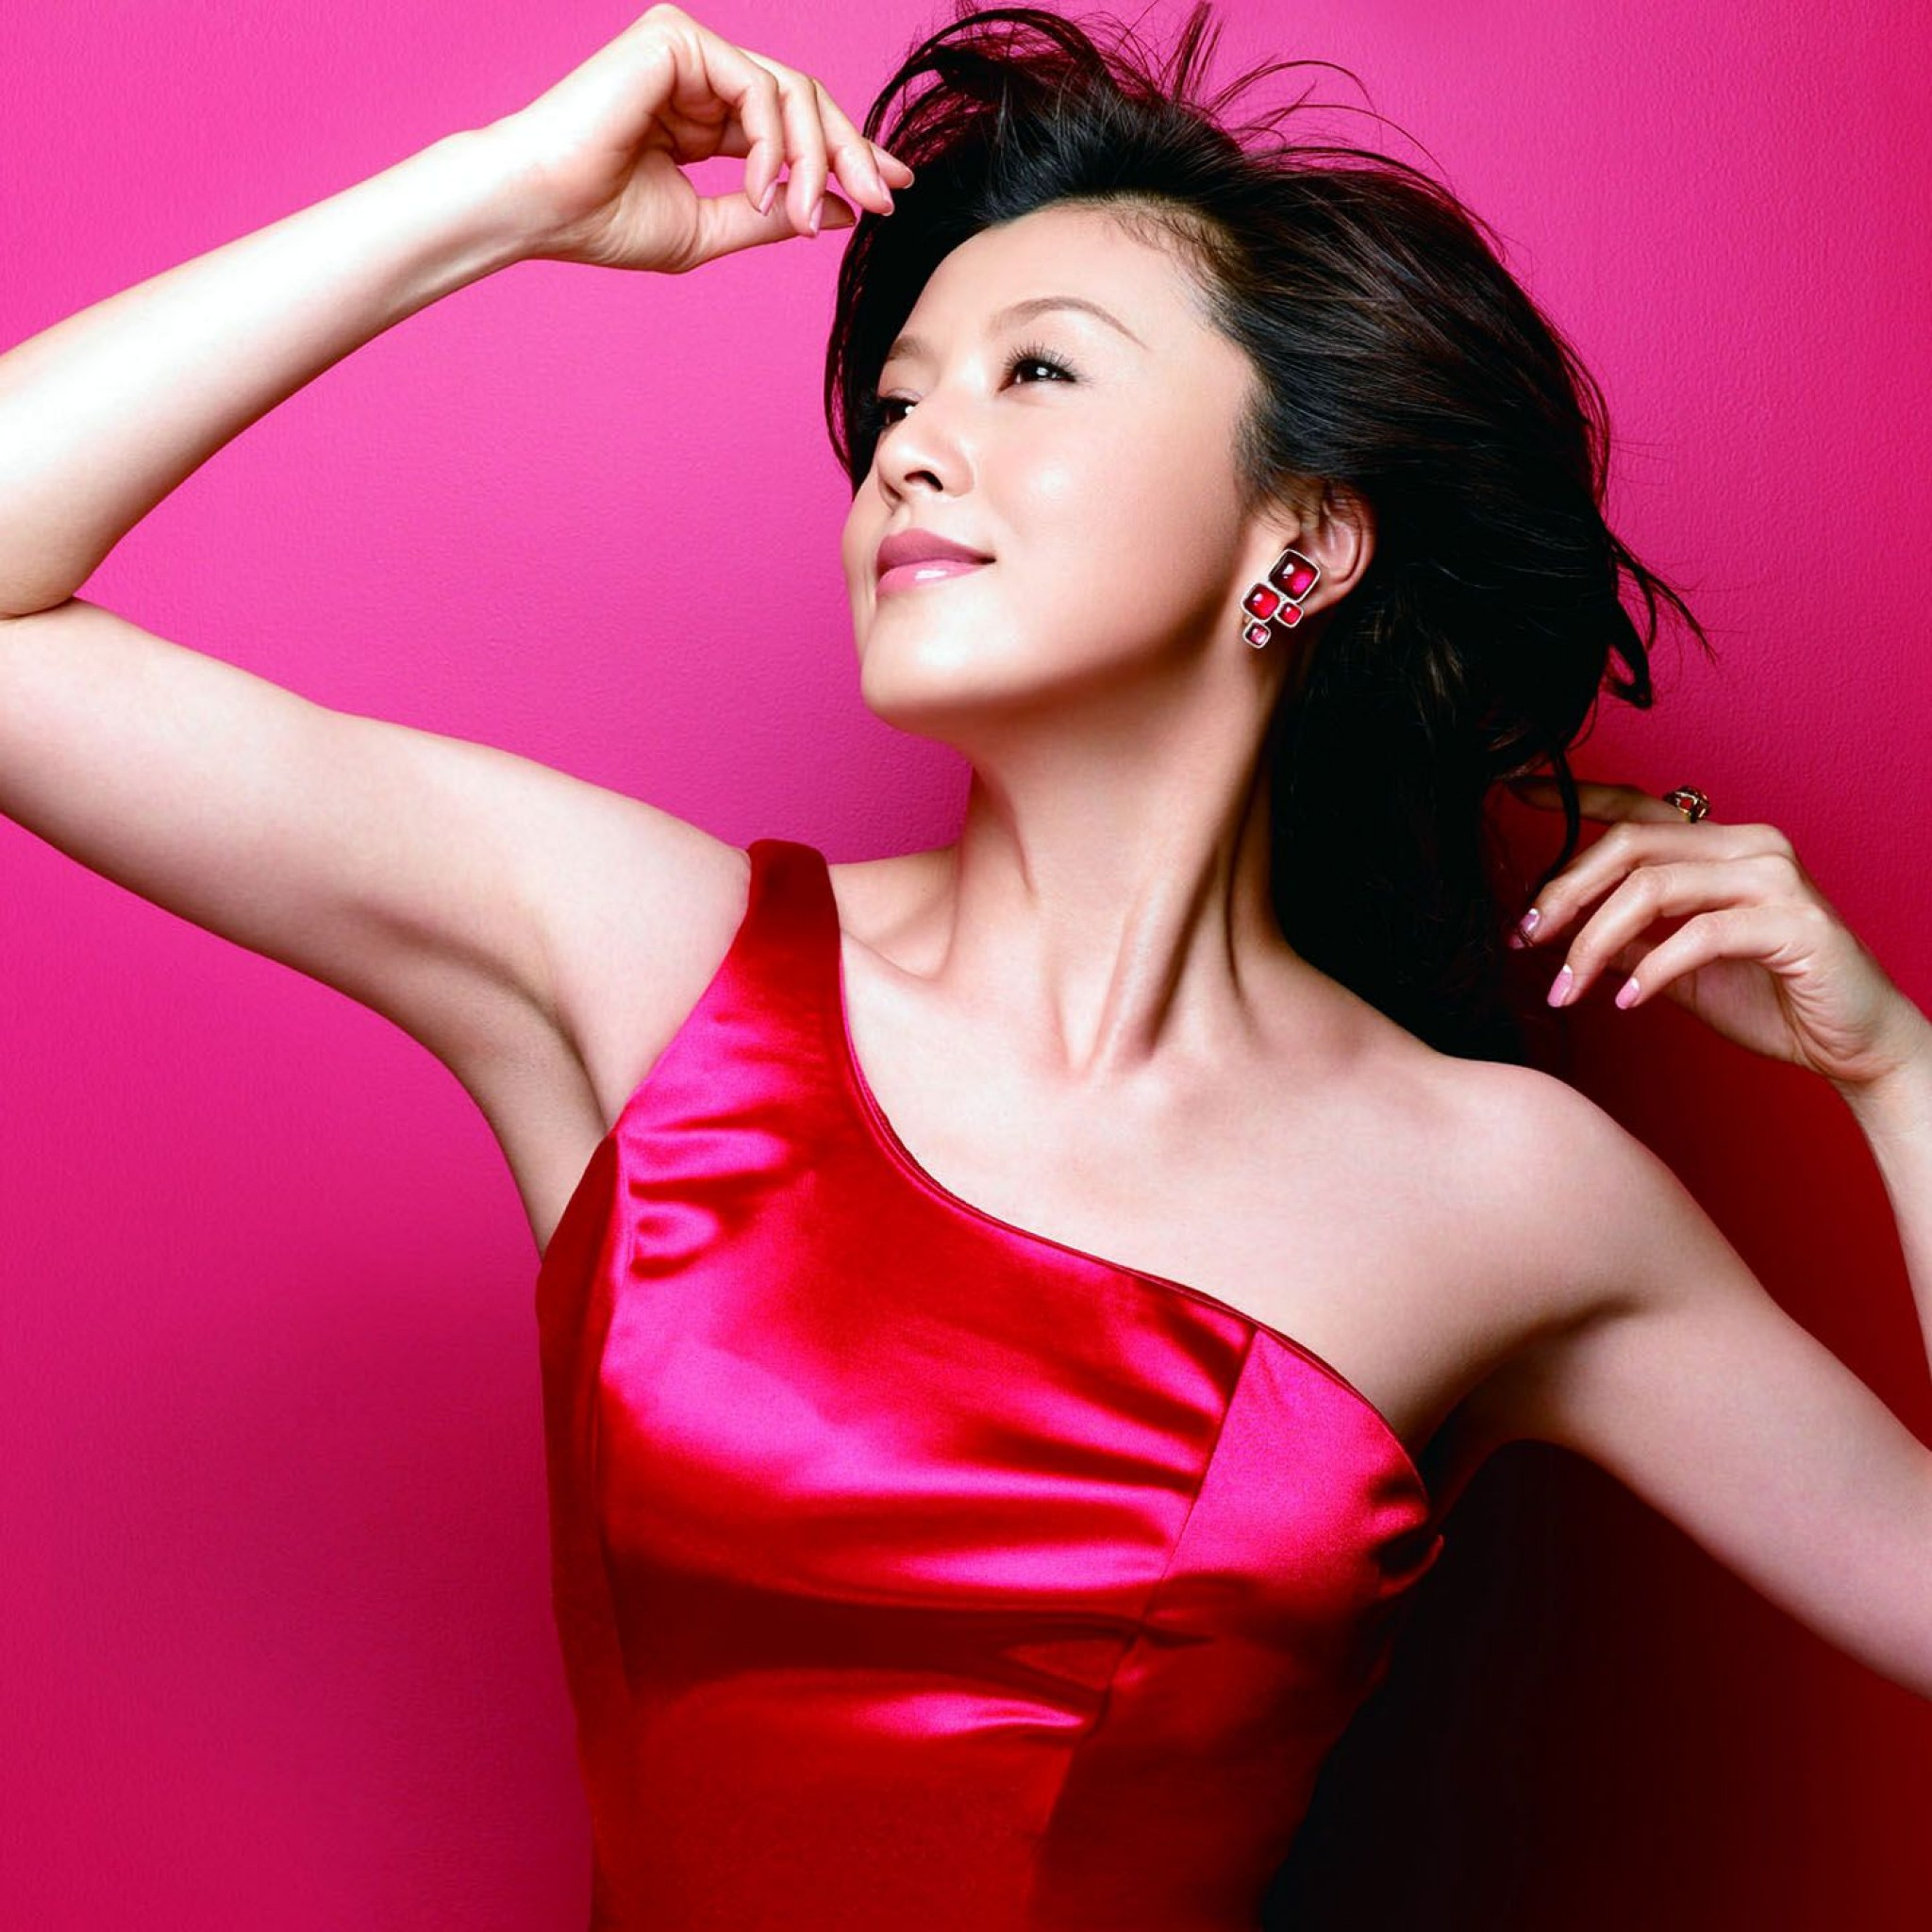 ショッキングピンクドレスの藤原紀香